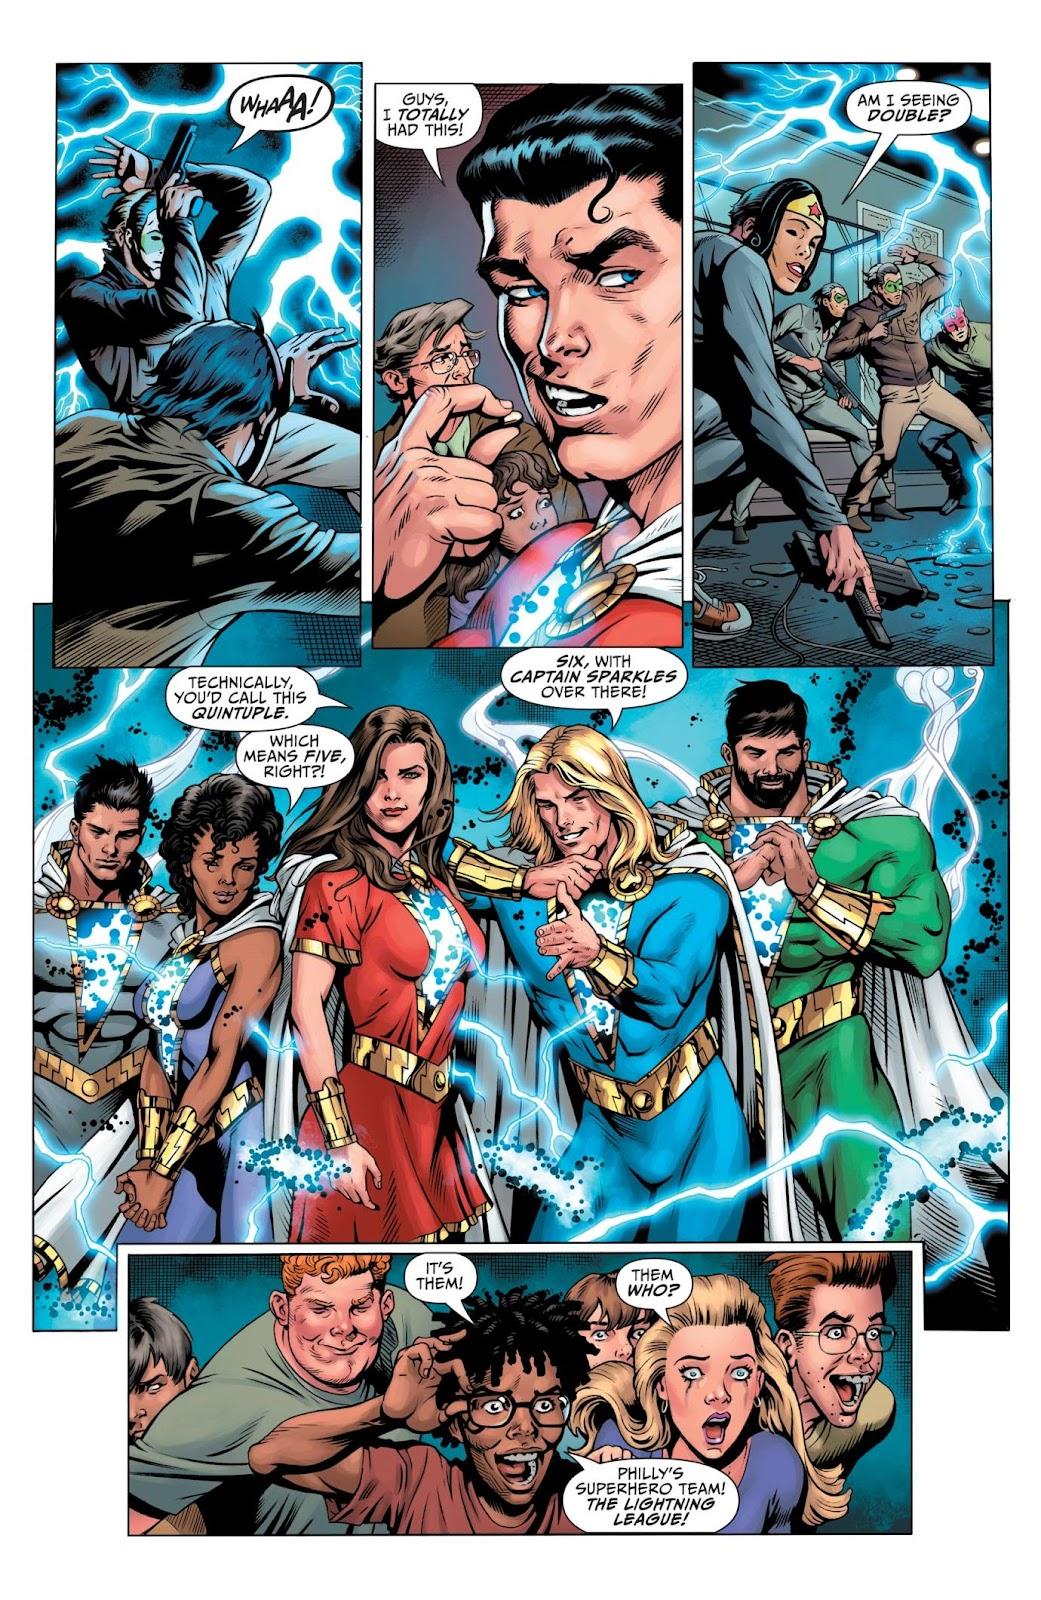 D:\Comics66\Shazam\shazam01\Shazam01pic\Shazam! (2018-) 001-009.jpg